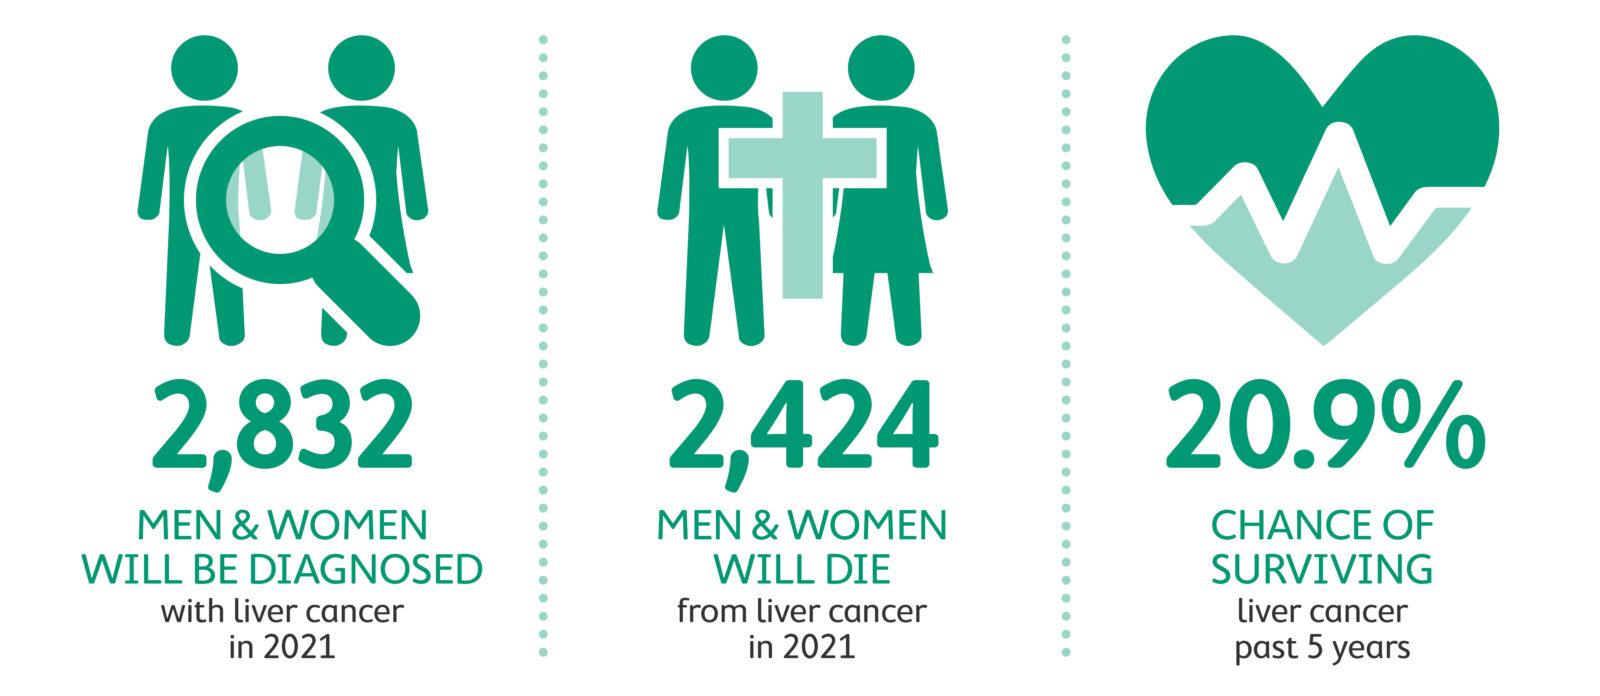 Liver cancer statistics 2021